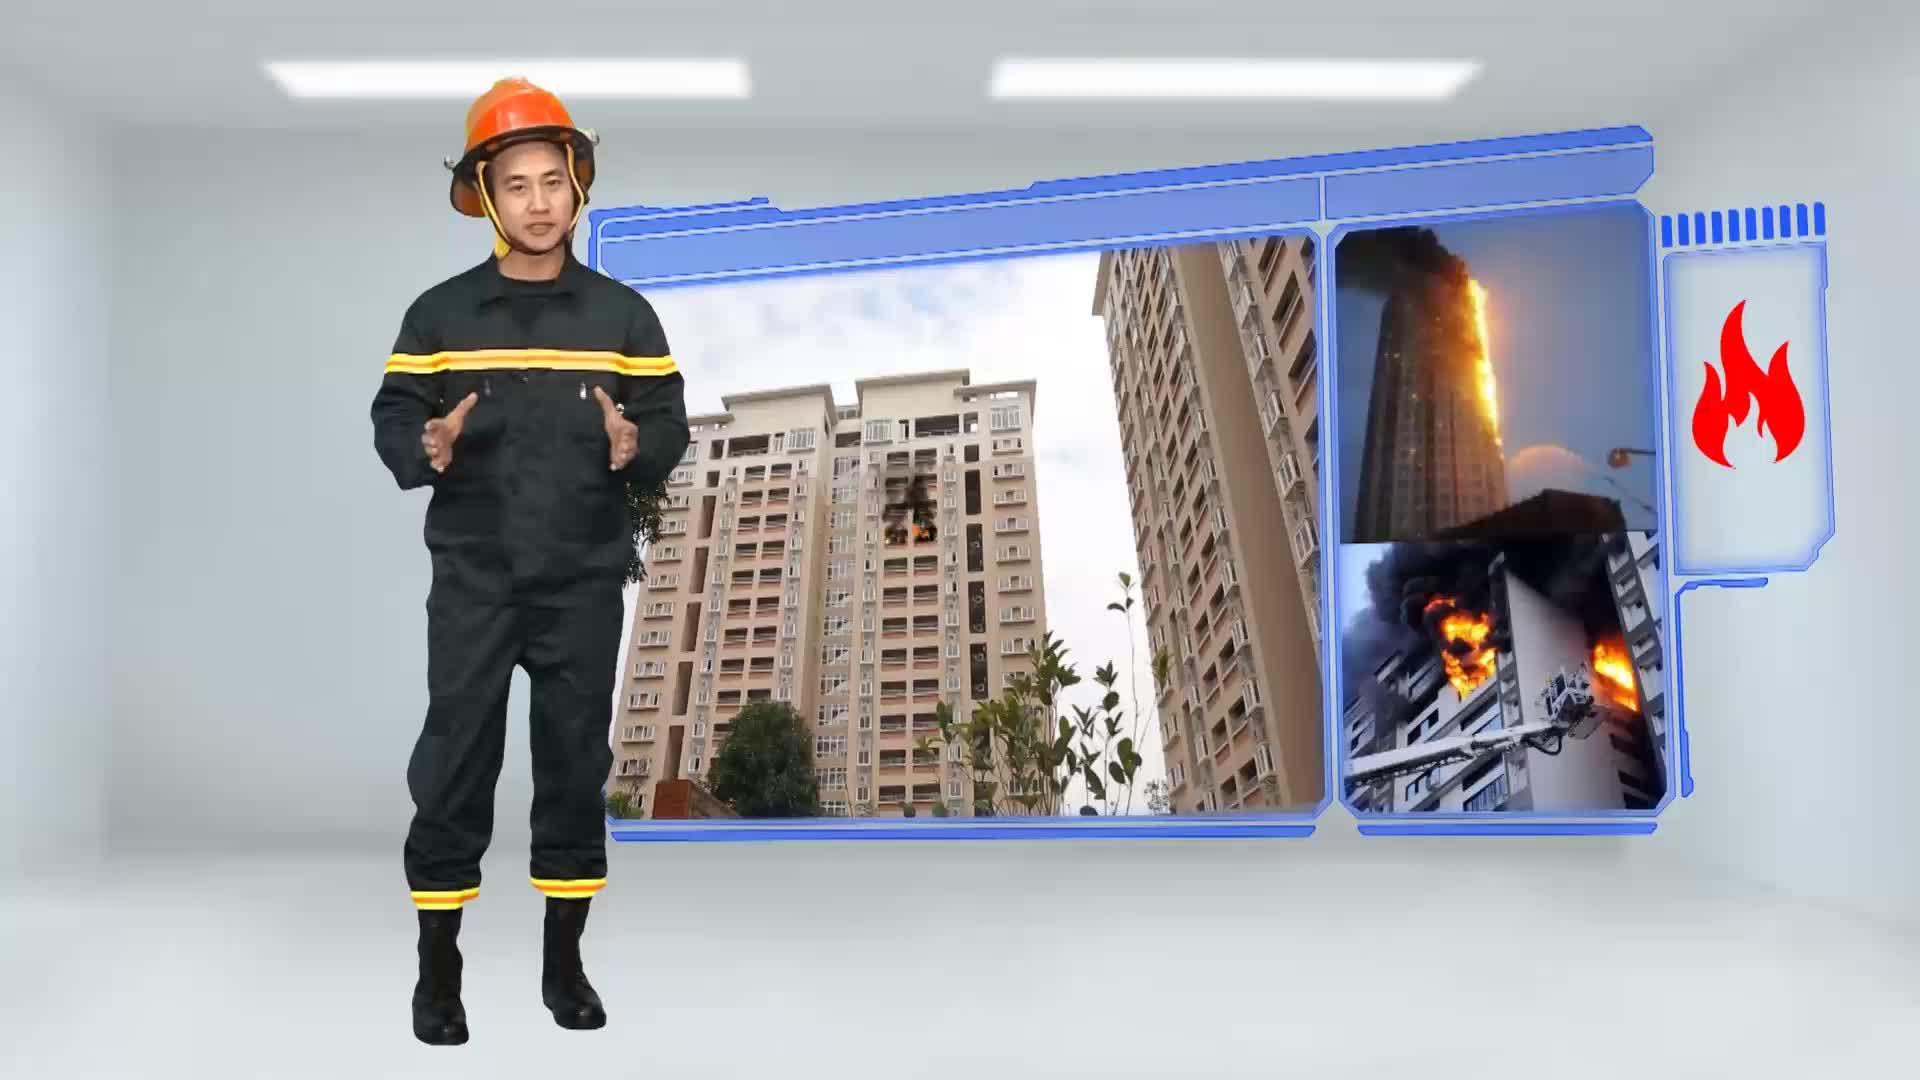 Cách thoát hiểm khi xảy ra cháy ở chung cư, nhà cao tầng.